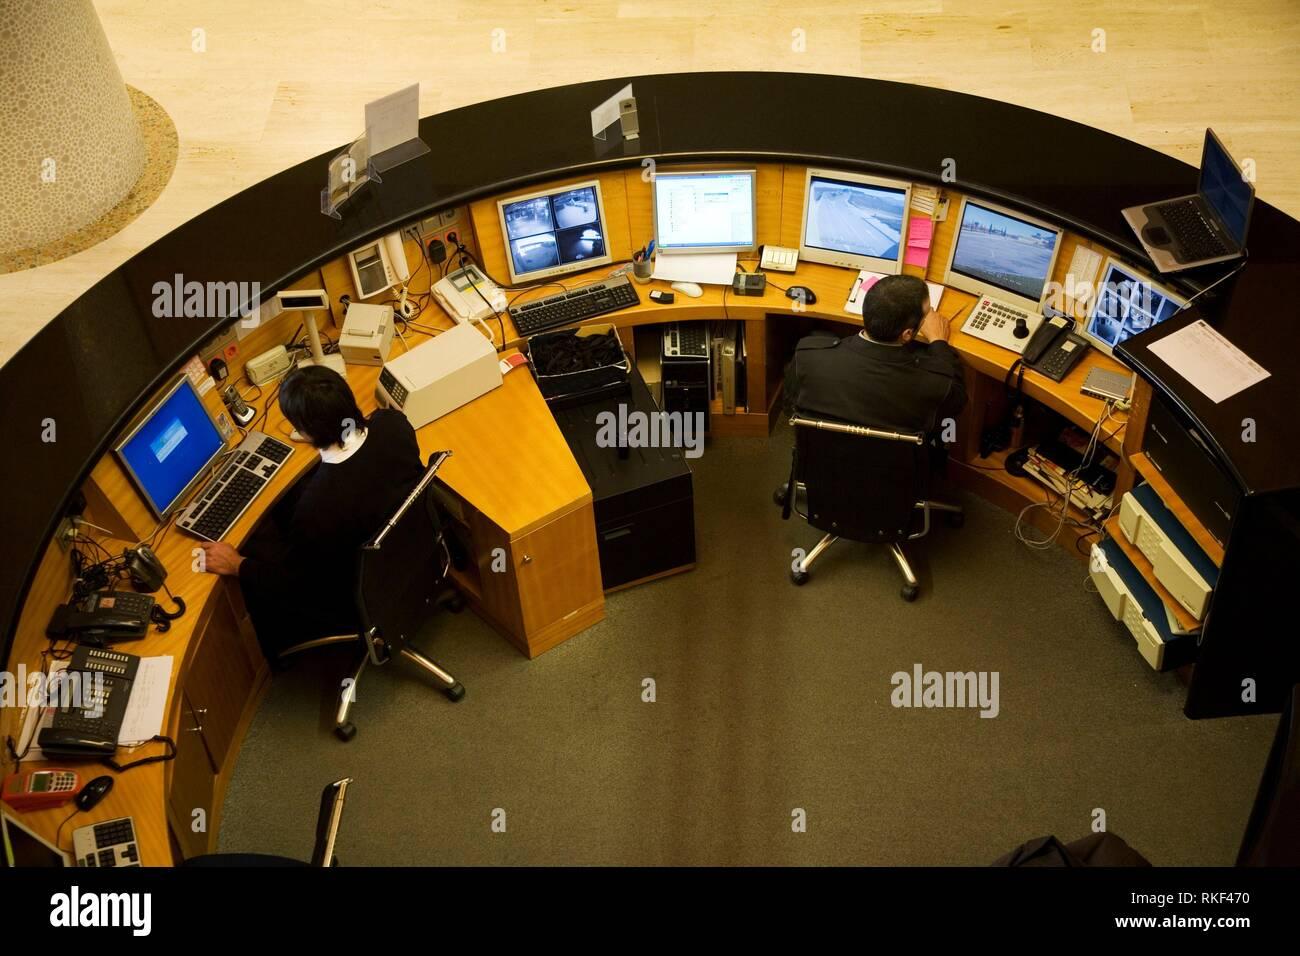 Securitas Stock Photos & Securitas Stock Images - Alamy